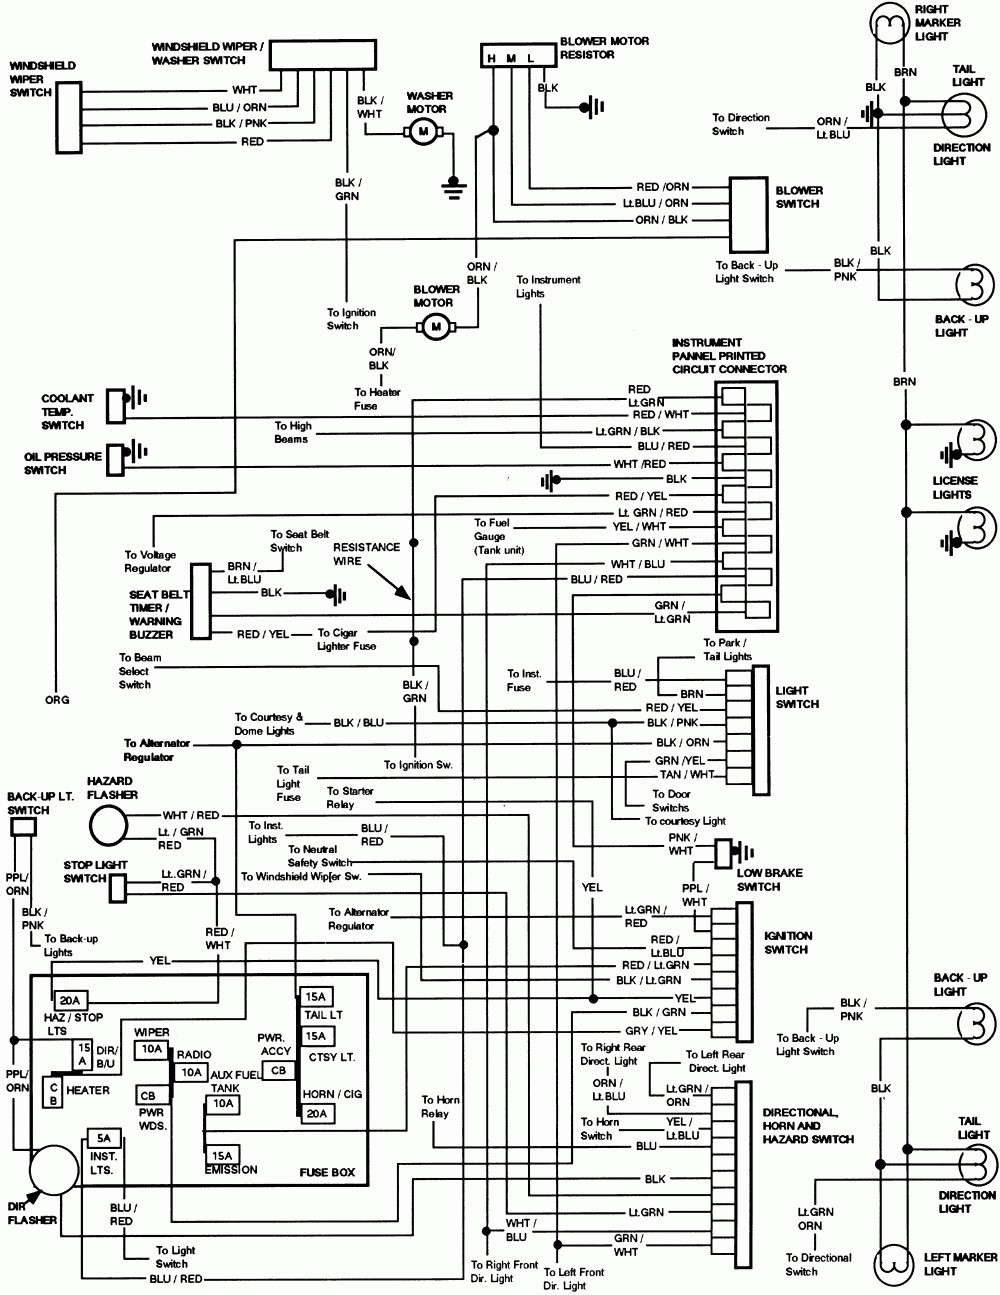 1999 ford glow plug wiring diagram